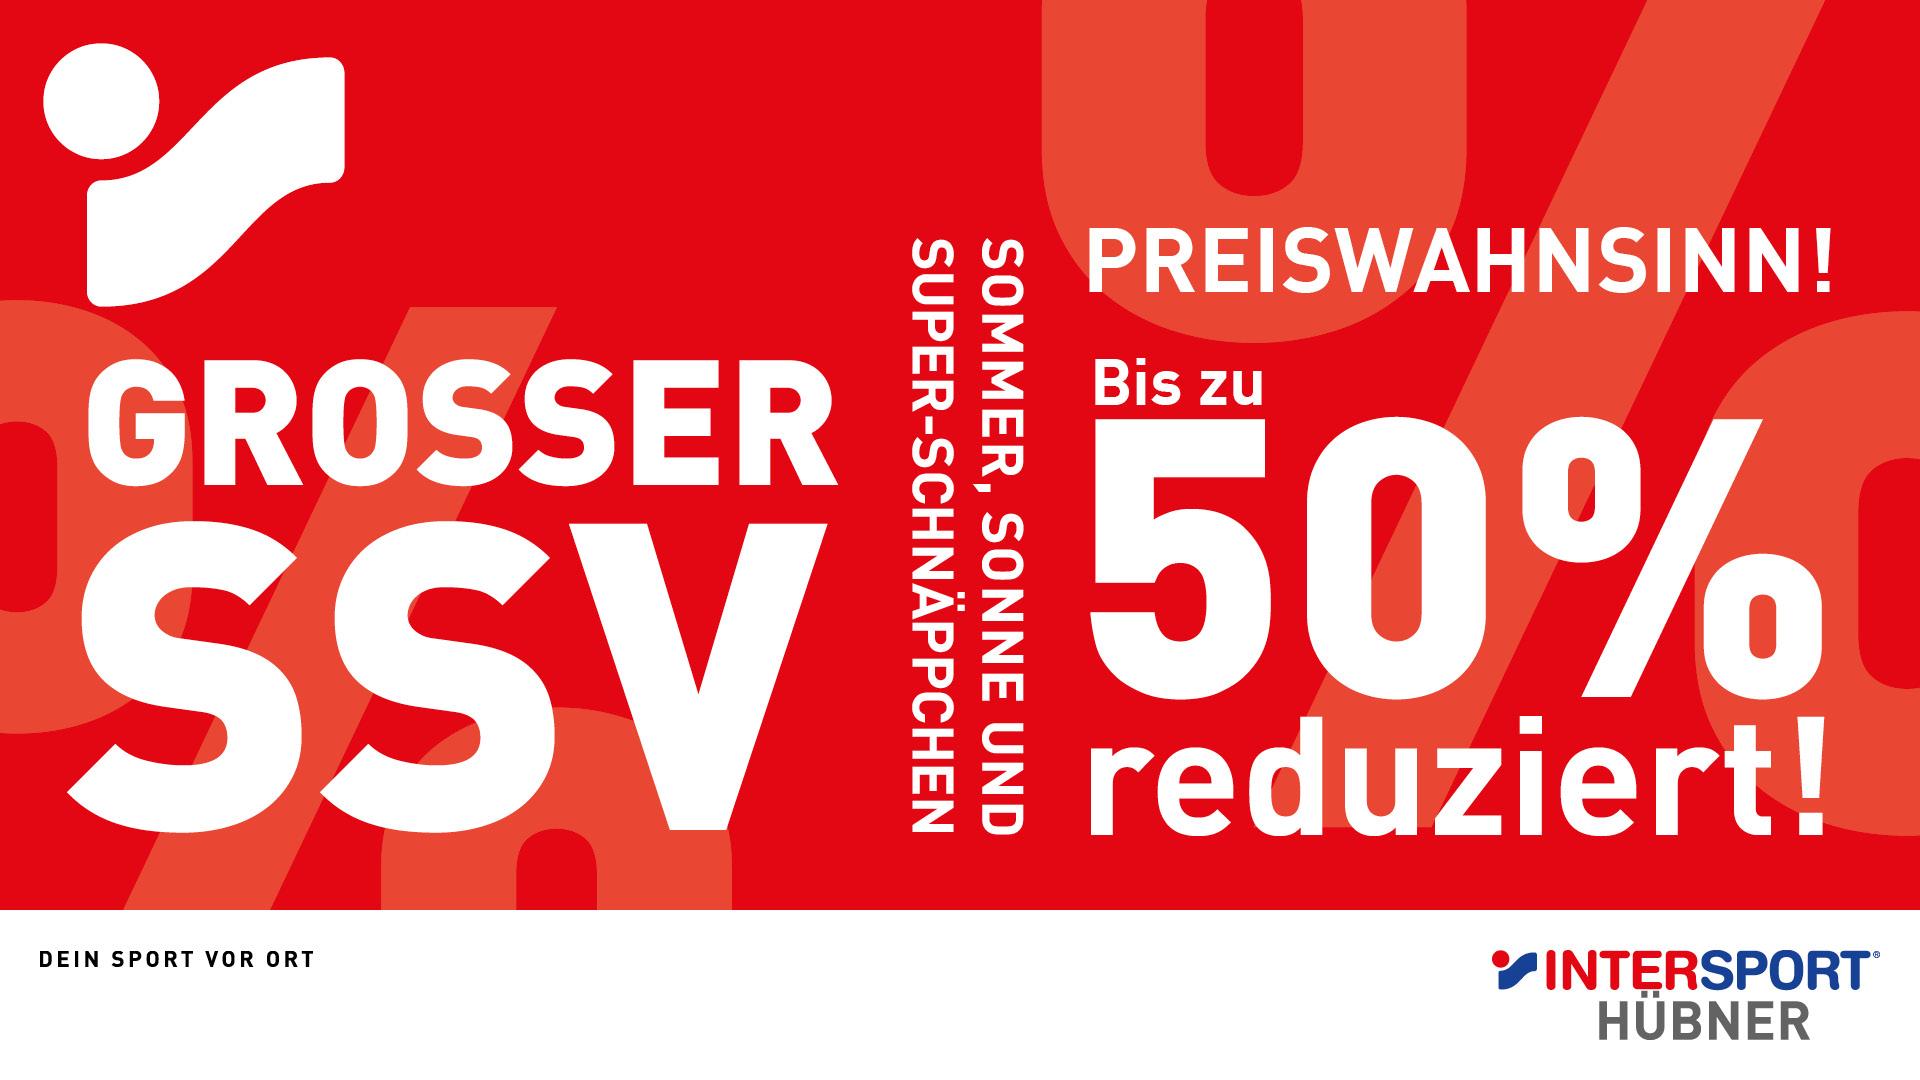 Großer SSV bei INTERSPORT Hübner